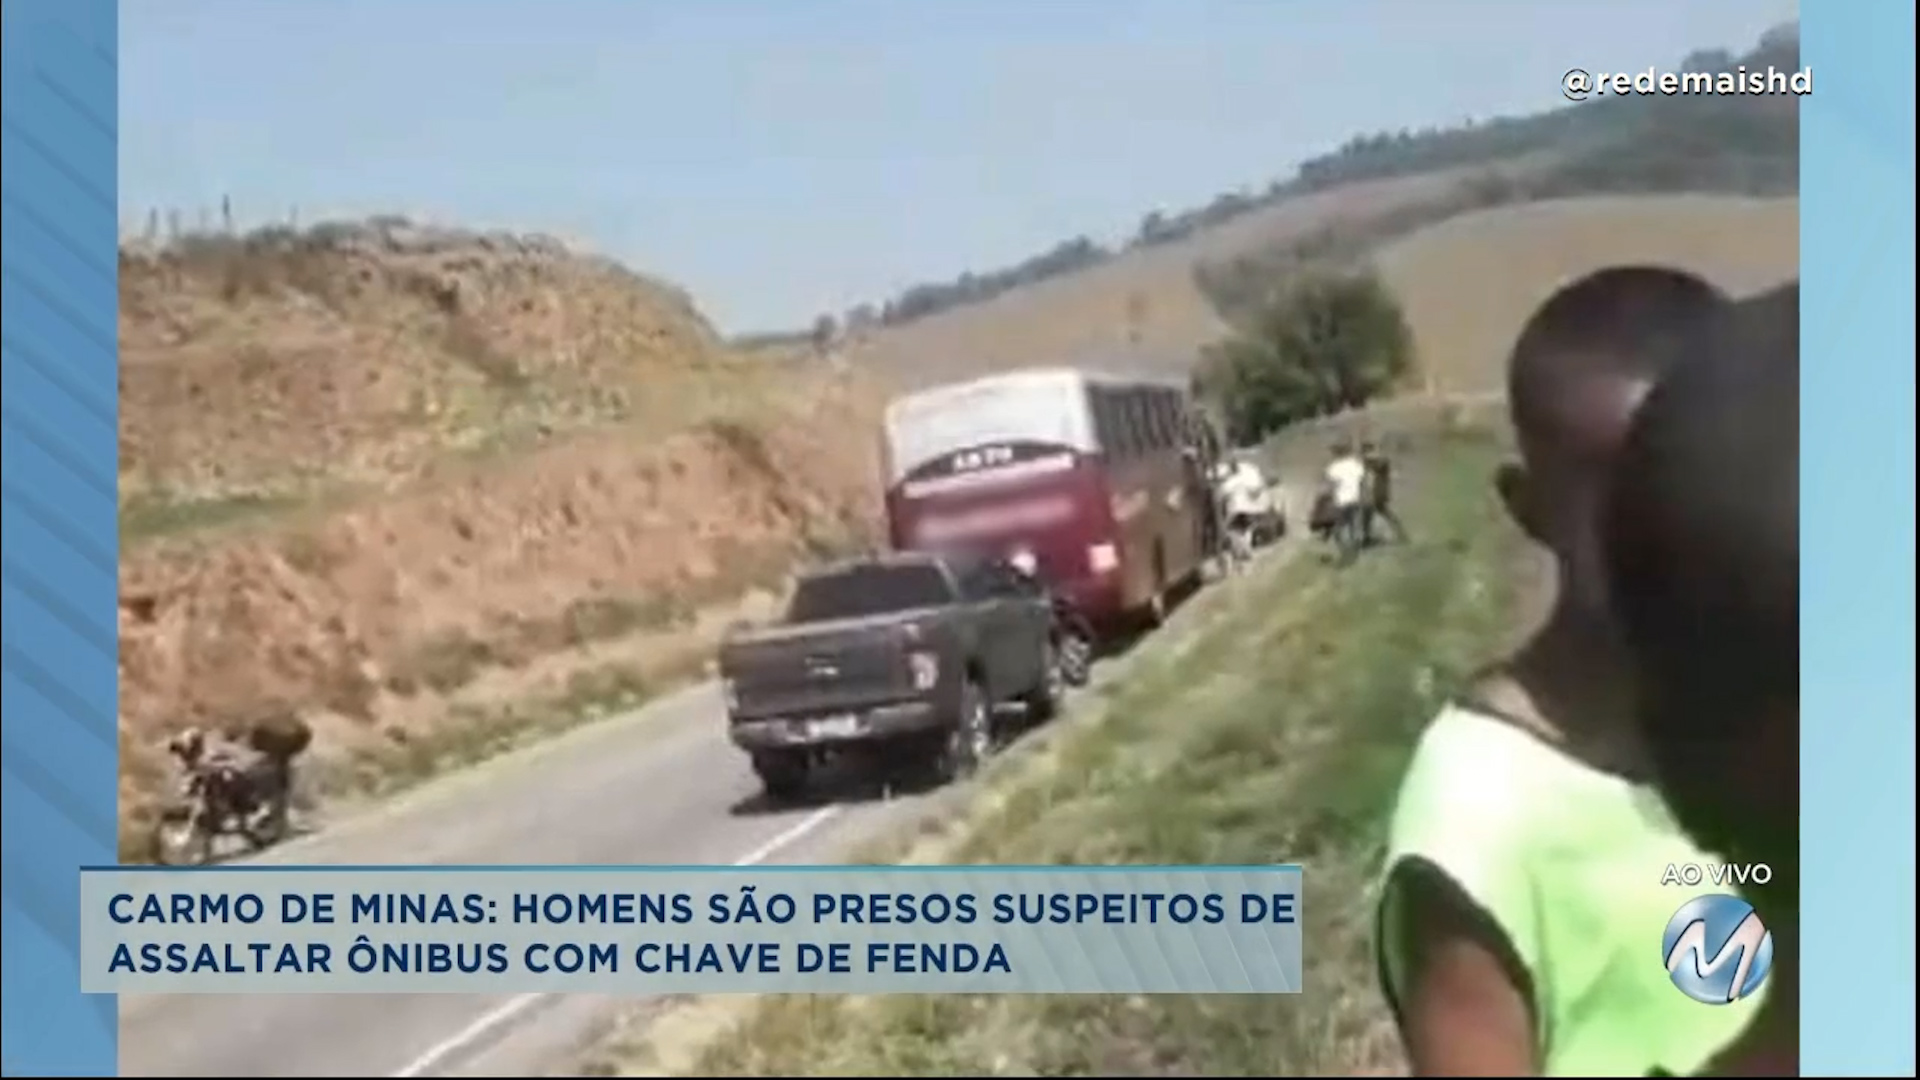 Carmo de Minas: homens são presos suspeitos de assaltar ônibus